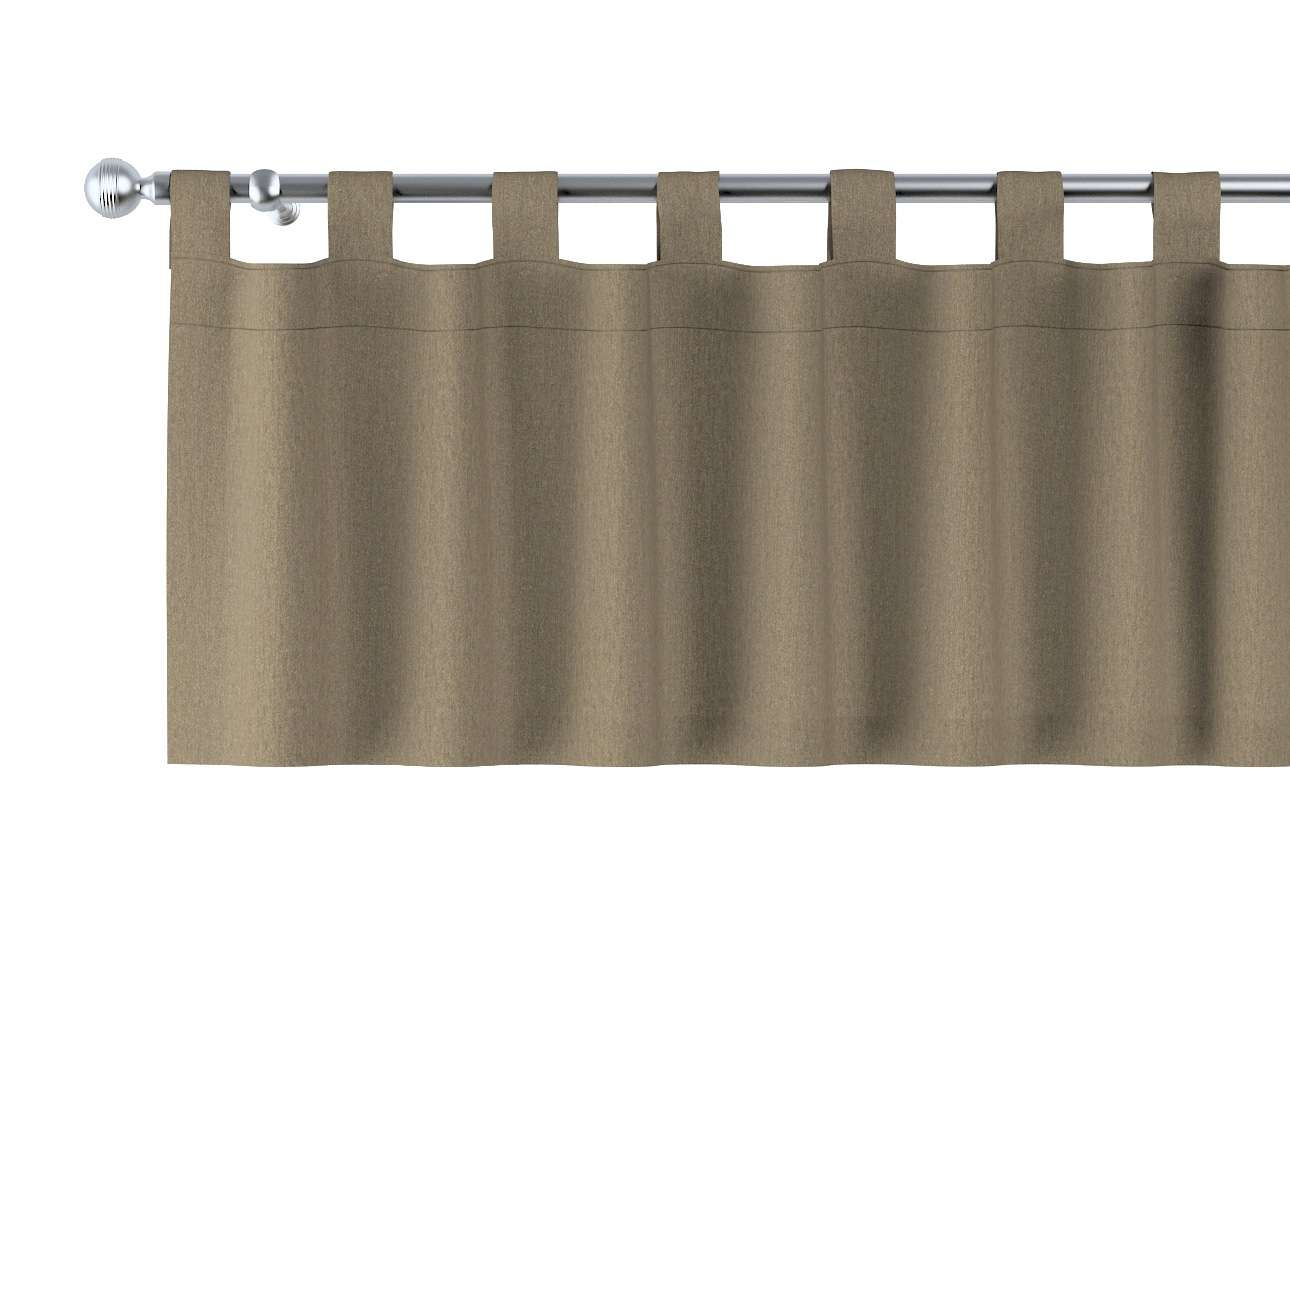 Trumpa užuolaidėlė (lambrekenas) kilpinis klostavimas 130x40cm kolekcijoje Chenille, audinys: 702-21